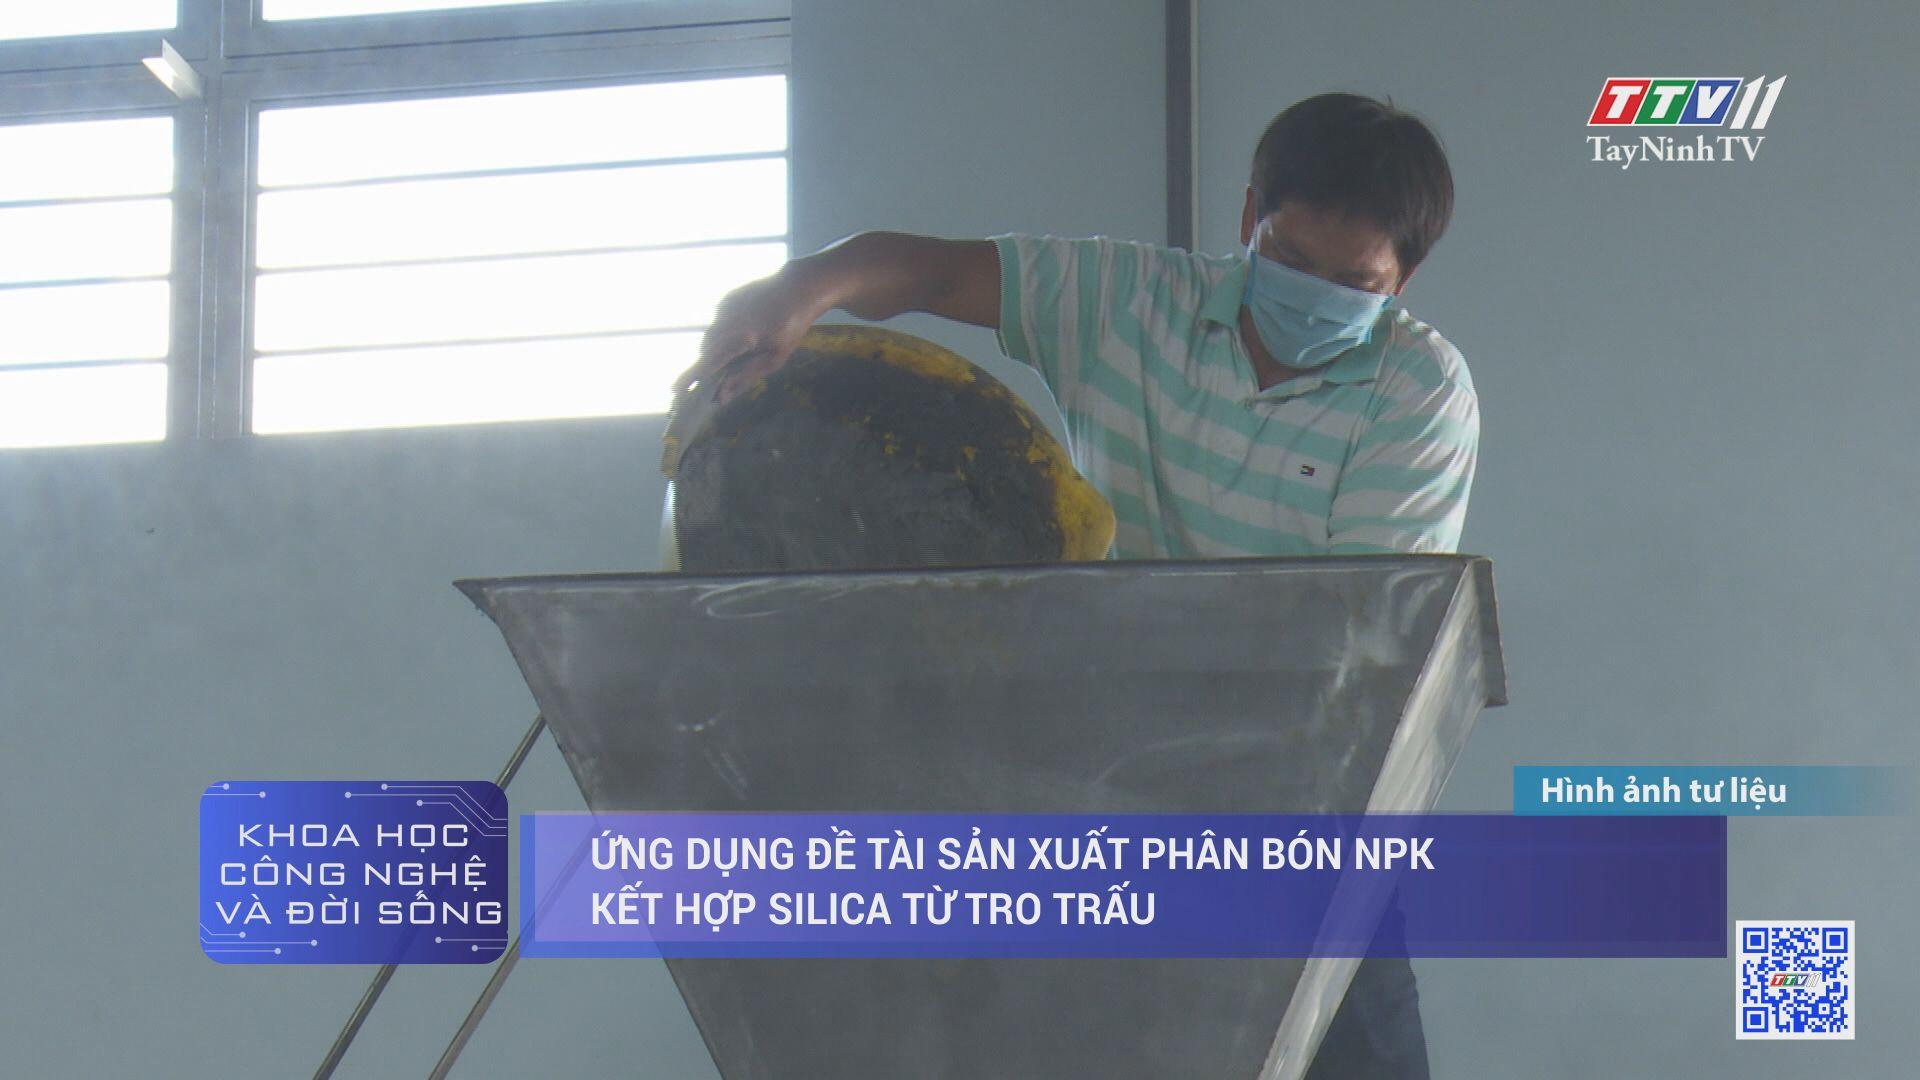 Ứng dụng đề tài sản xuất phân bón NPK kết hợp silica từ tro trấu | KHOA HỌC VÀ CÔNG NGHỆ | TayNinhTV